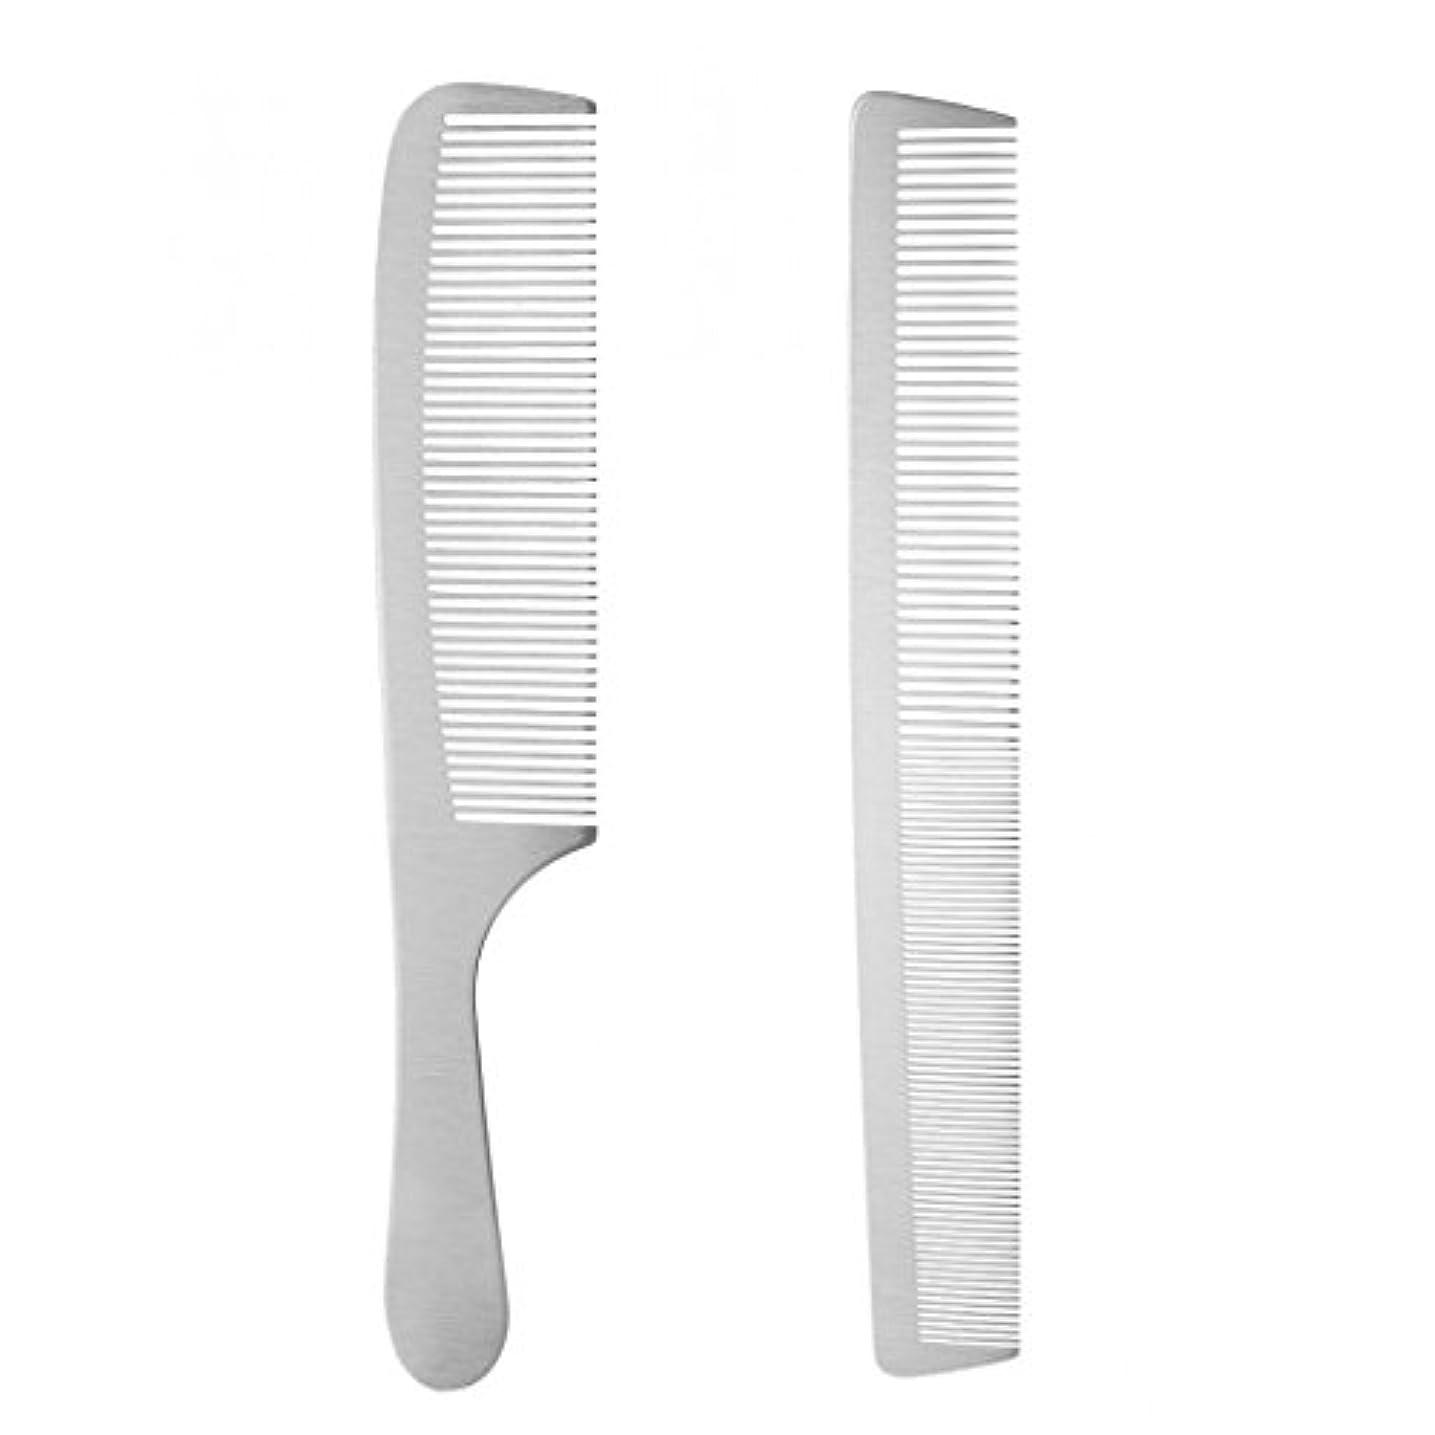 あえてペチコート静かにBaosity 2個 ヘアスタイリング ヘアカットコーム 櫛 ヘアブラシ ステンレス鋼 サロン 理髪師 カッティング 耐久性 耐熱性